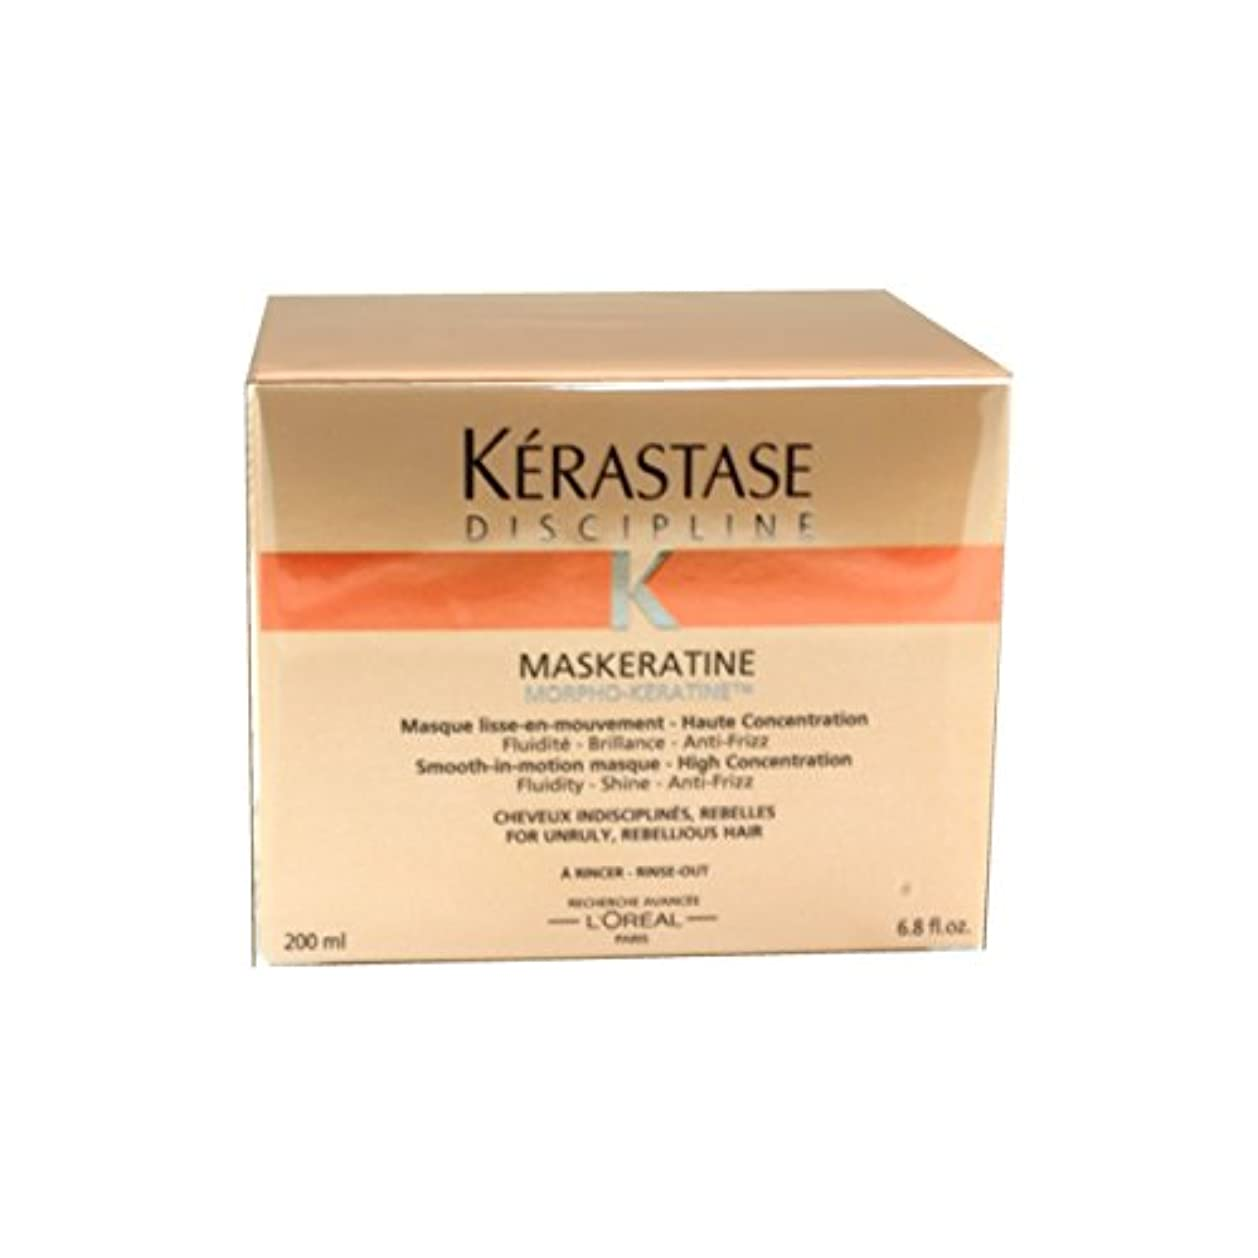 熱心一握りブランクケラスターゼ ディシプリン DP マスケラチン (まとまりにくくクセのある髪用)[並行輸入品]